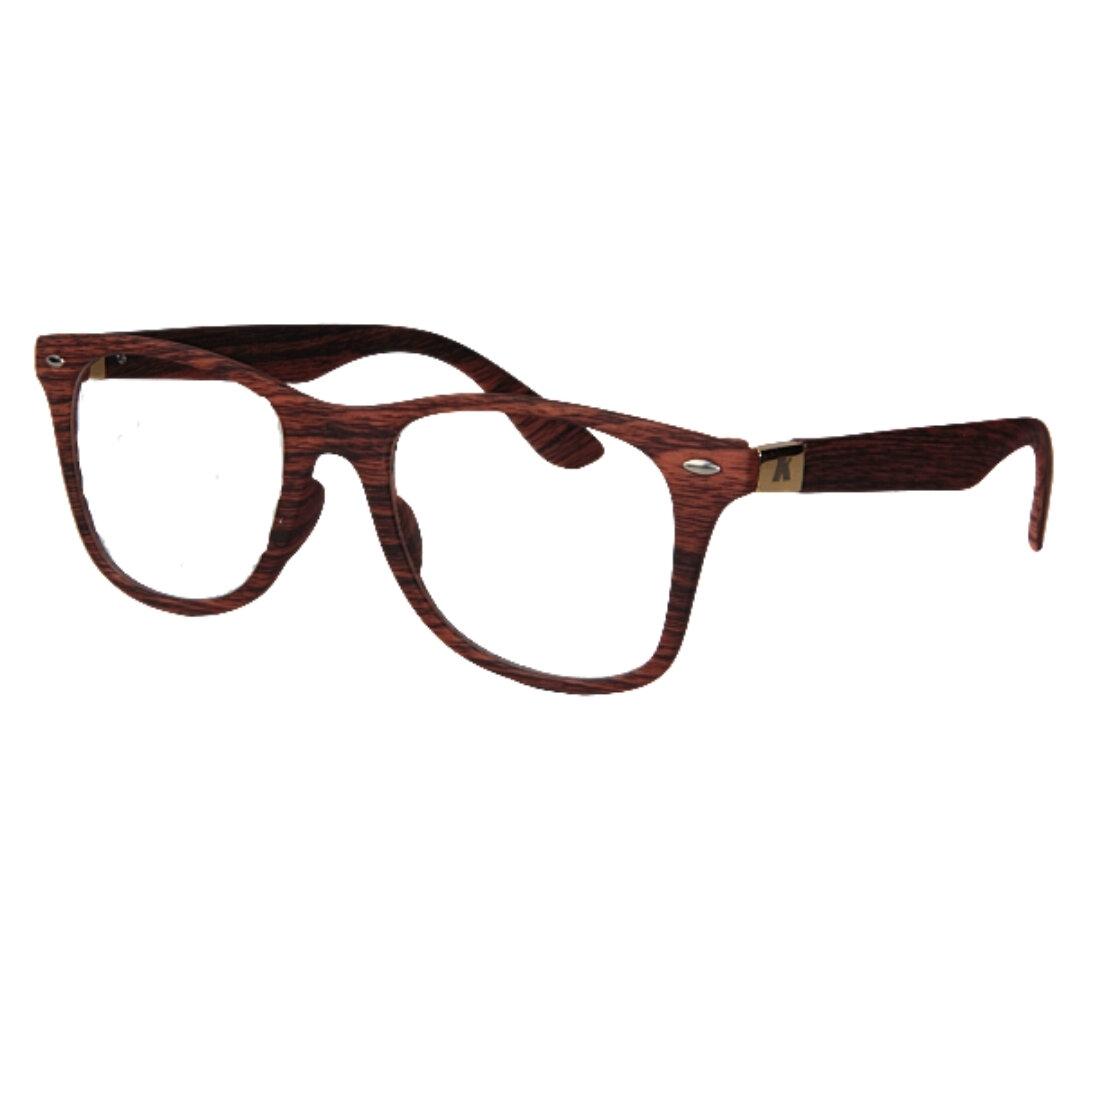 Armação de Óculos Khatto Way Cracked - C141